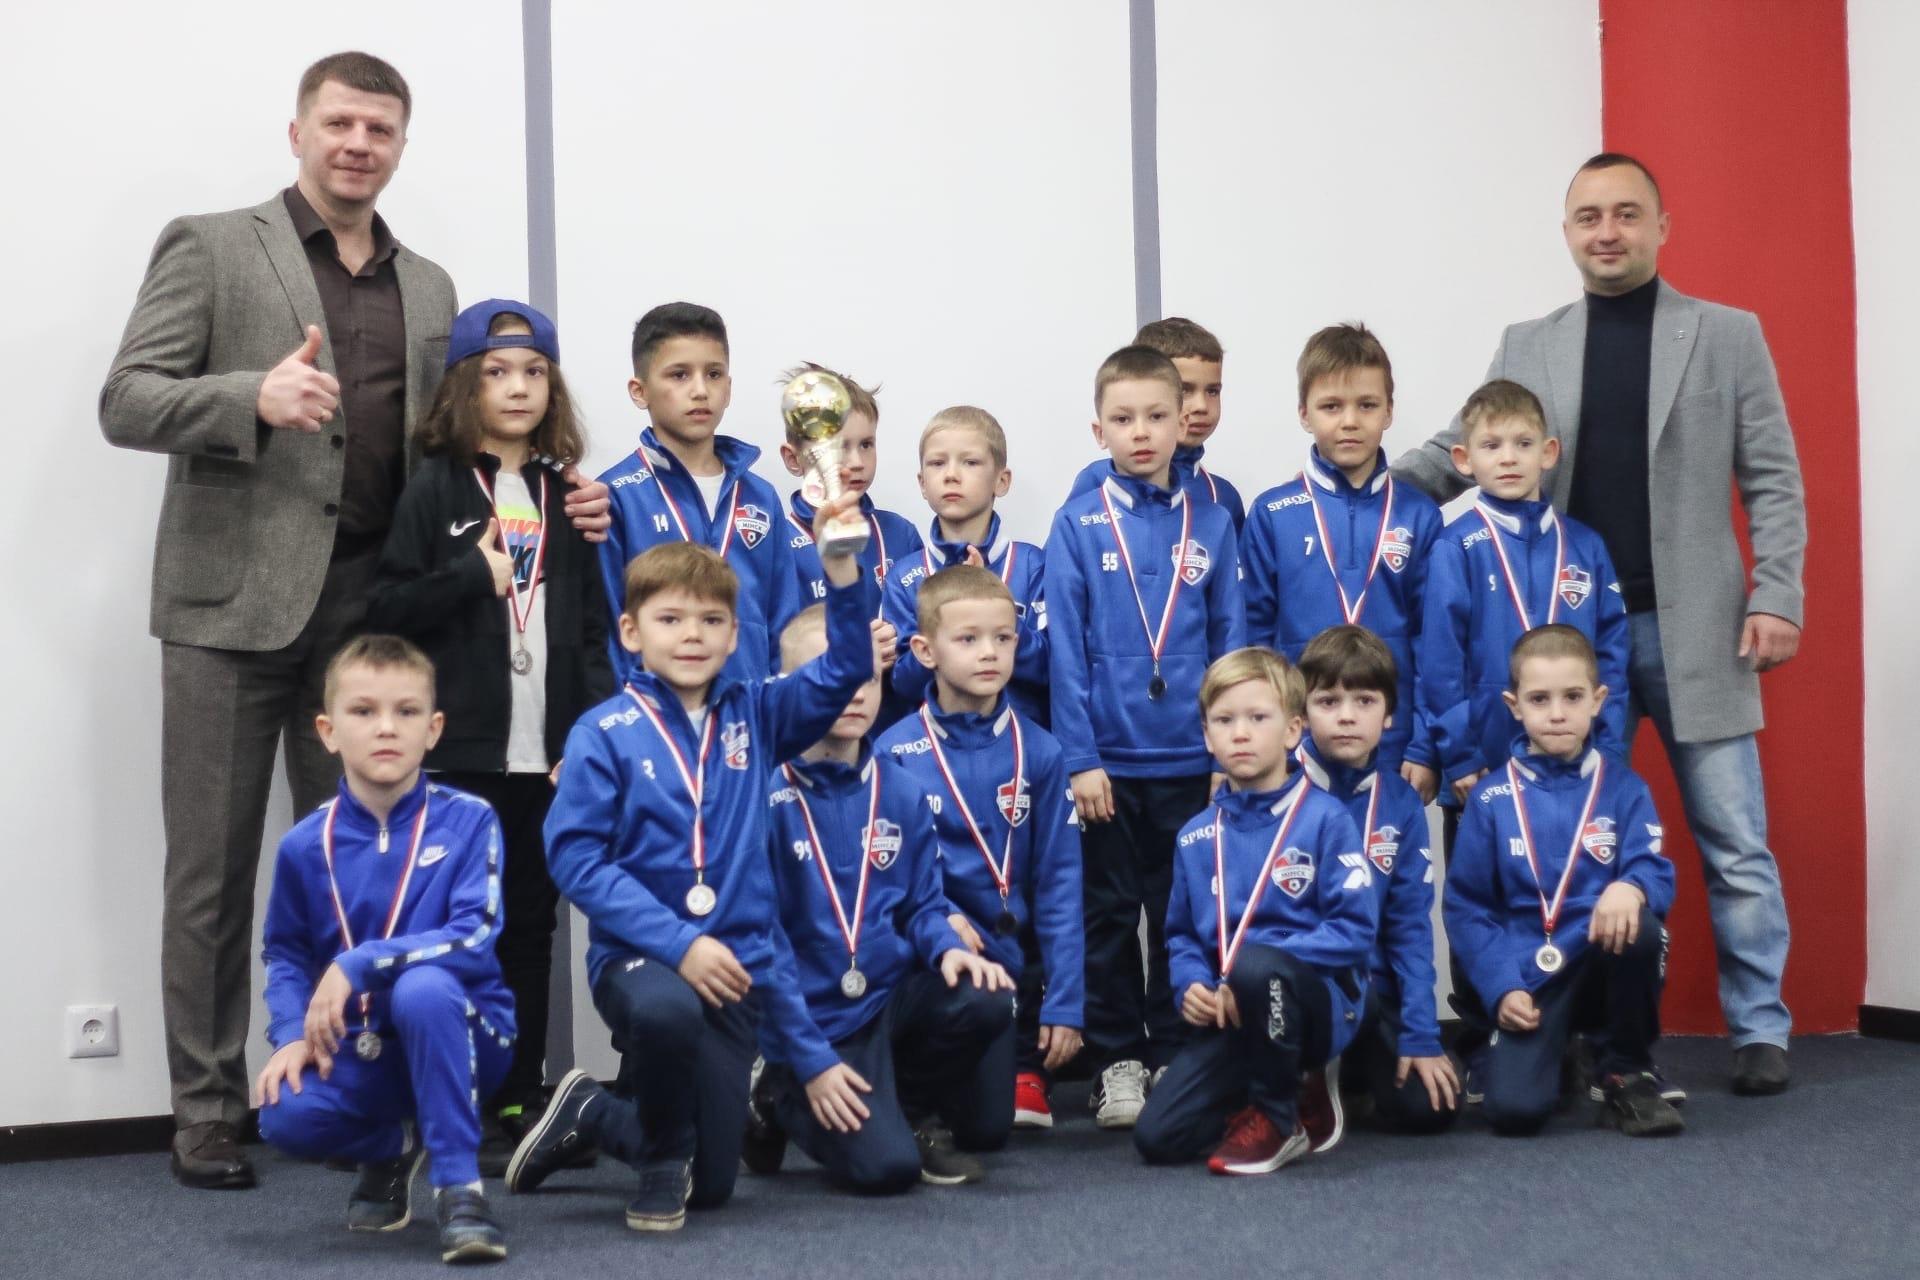 Минск — серебряный призер Премьерлиги Юни 2014